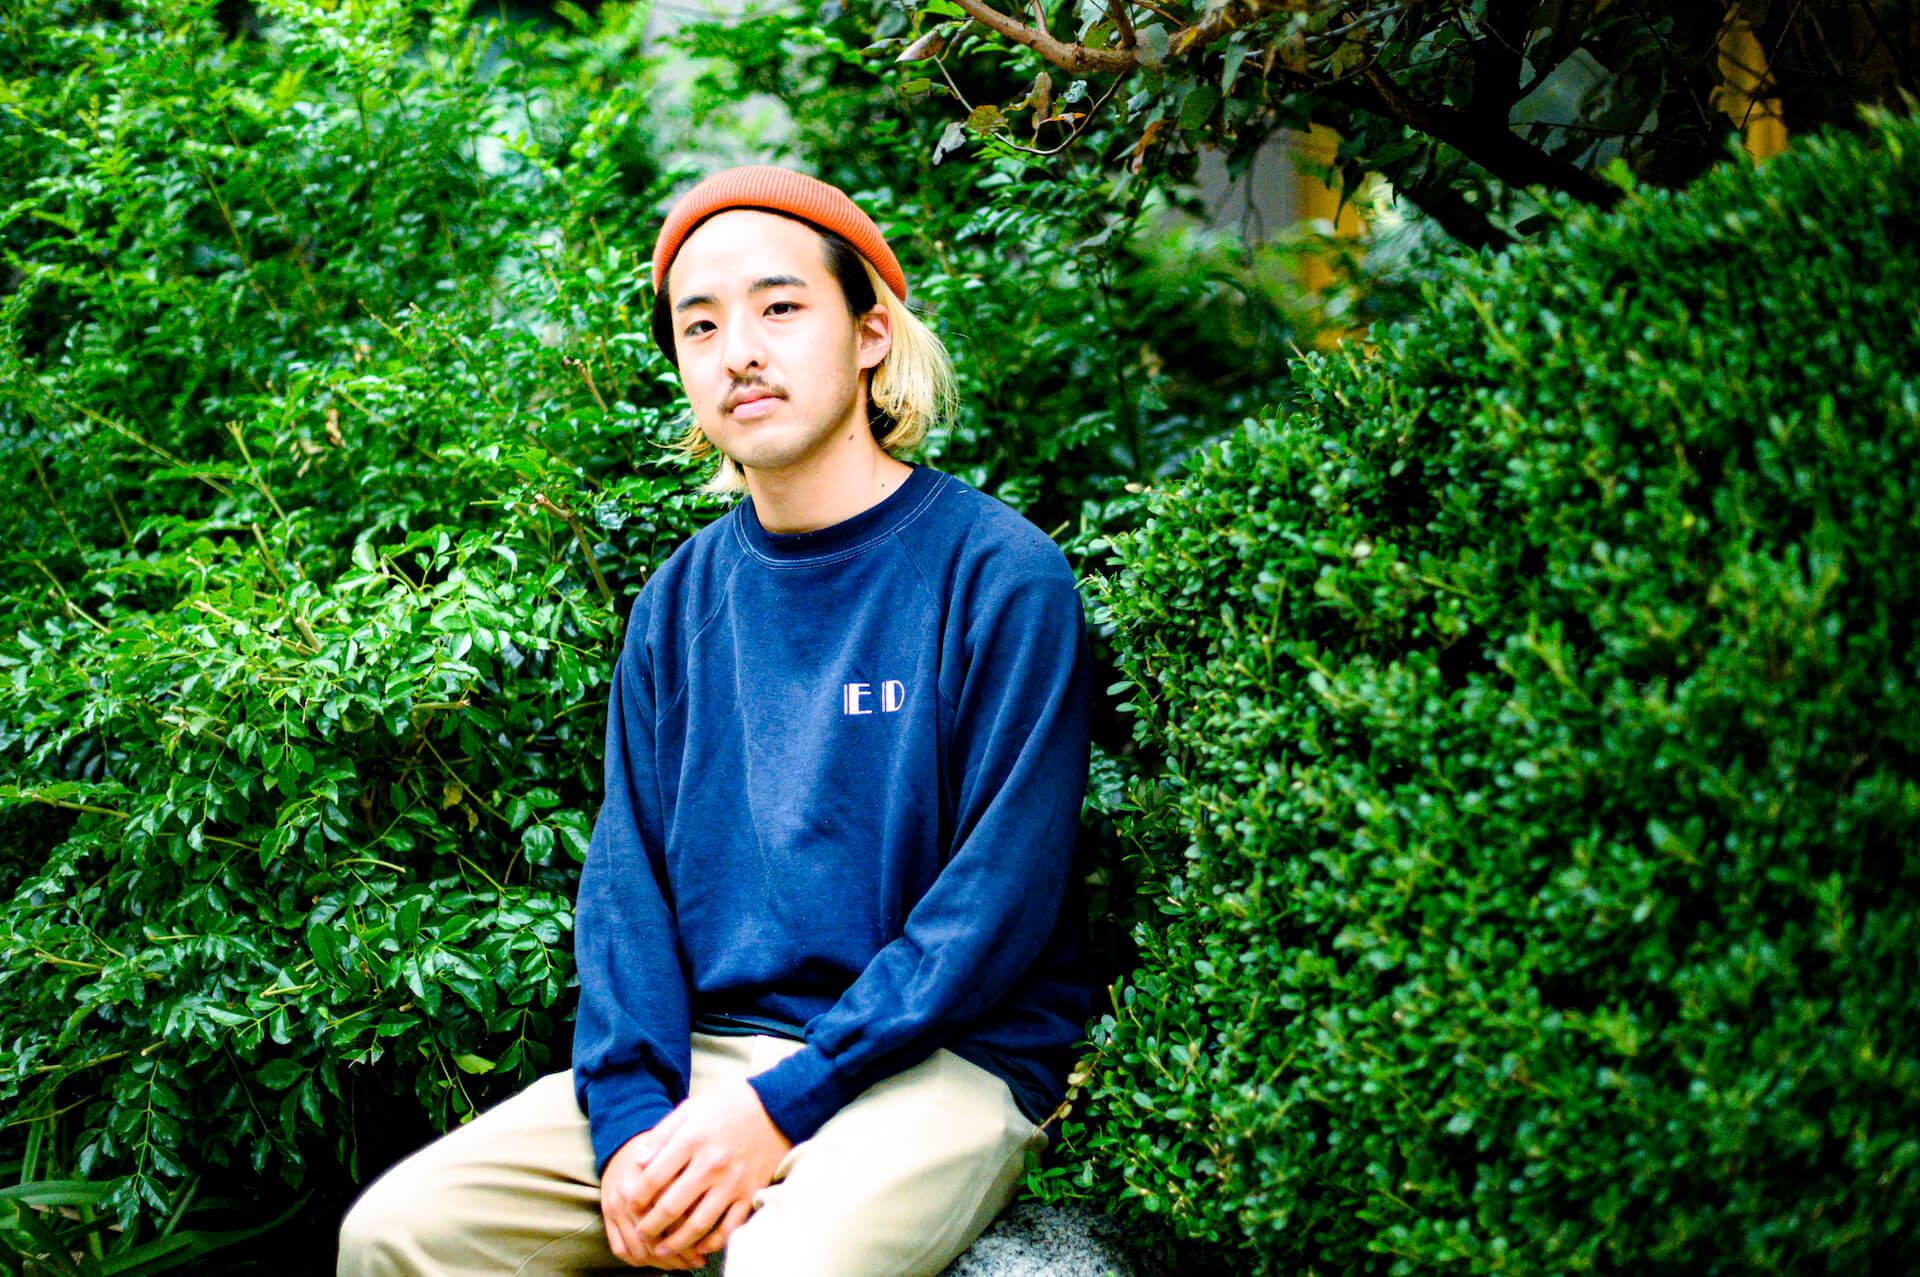 さらなる高みを目指すSANABAGUN.が4thアルバム『BALLADS』で求めた変化 interview-sanabagun-11